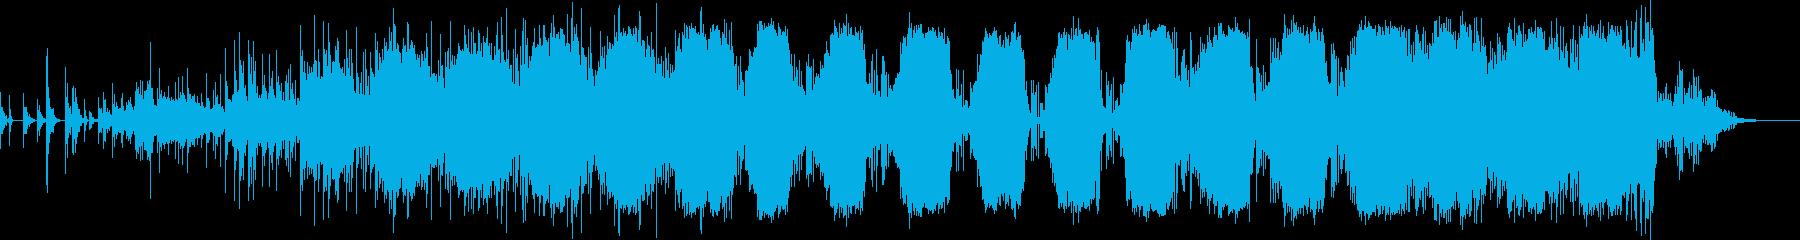 笙や太鼓など和楽器を使ったゆったり和風Bの再生済みの波形